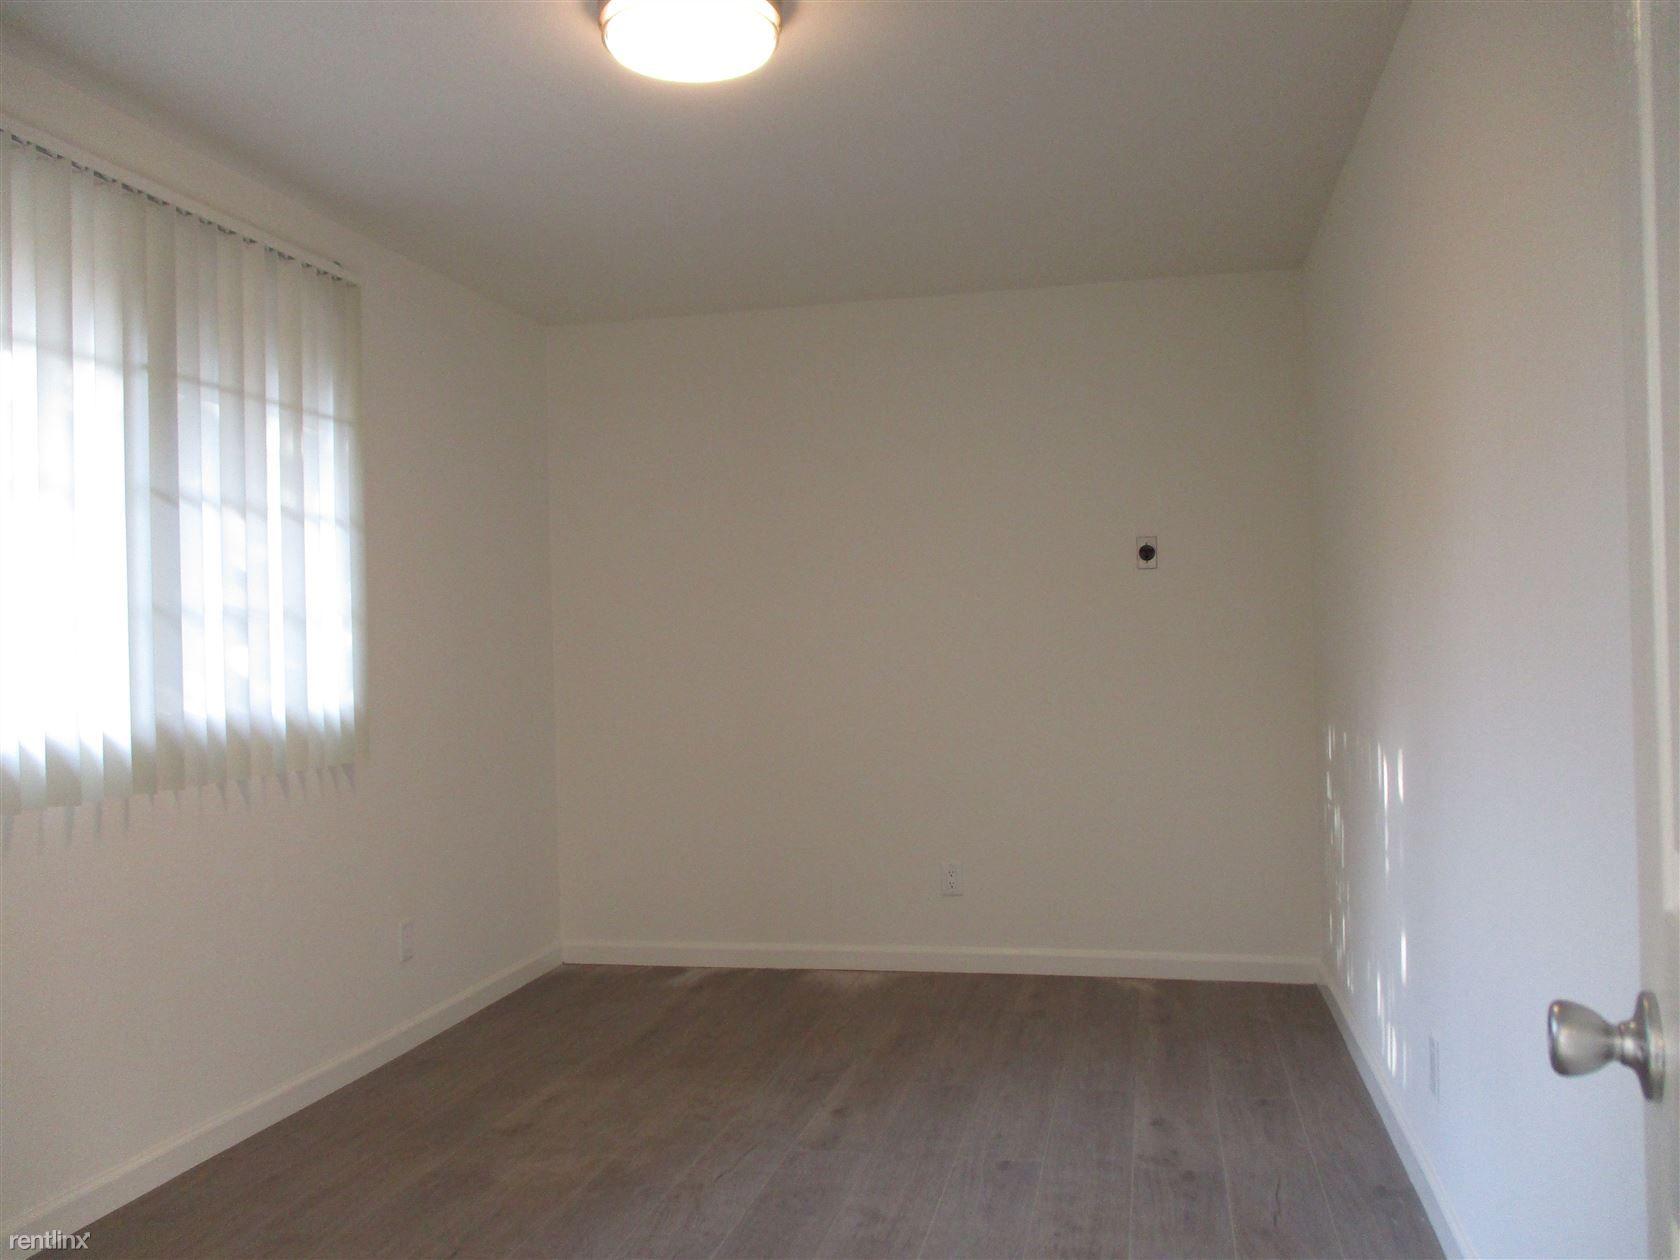 20850 Kingsbury St for rent